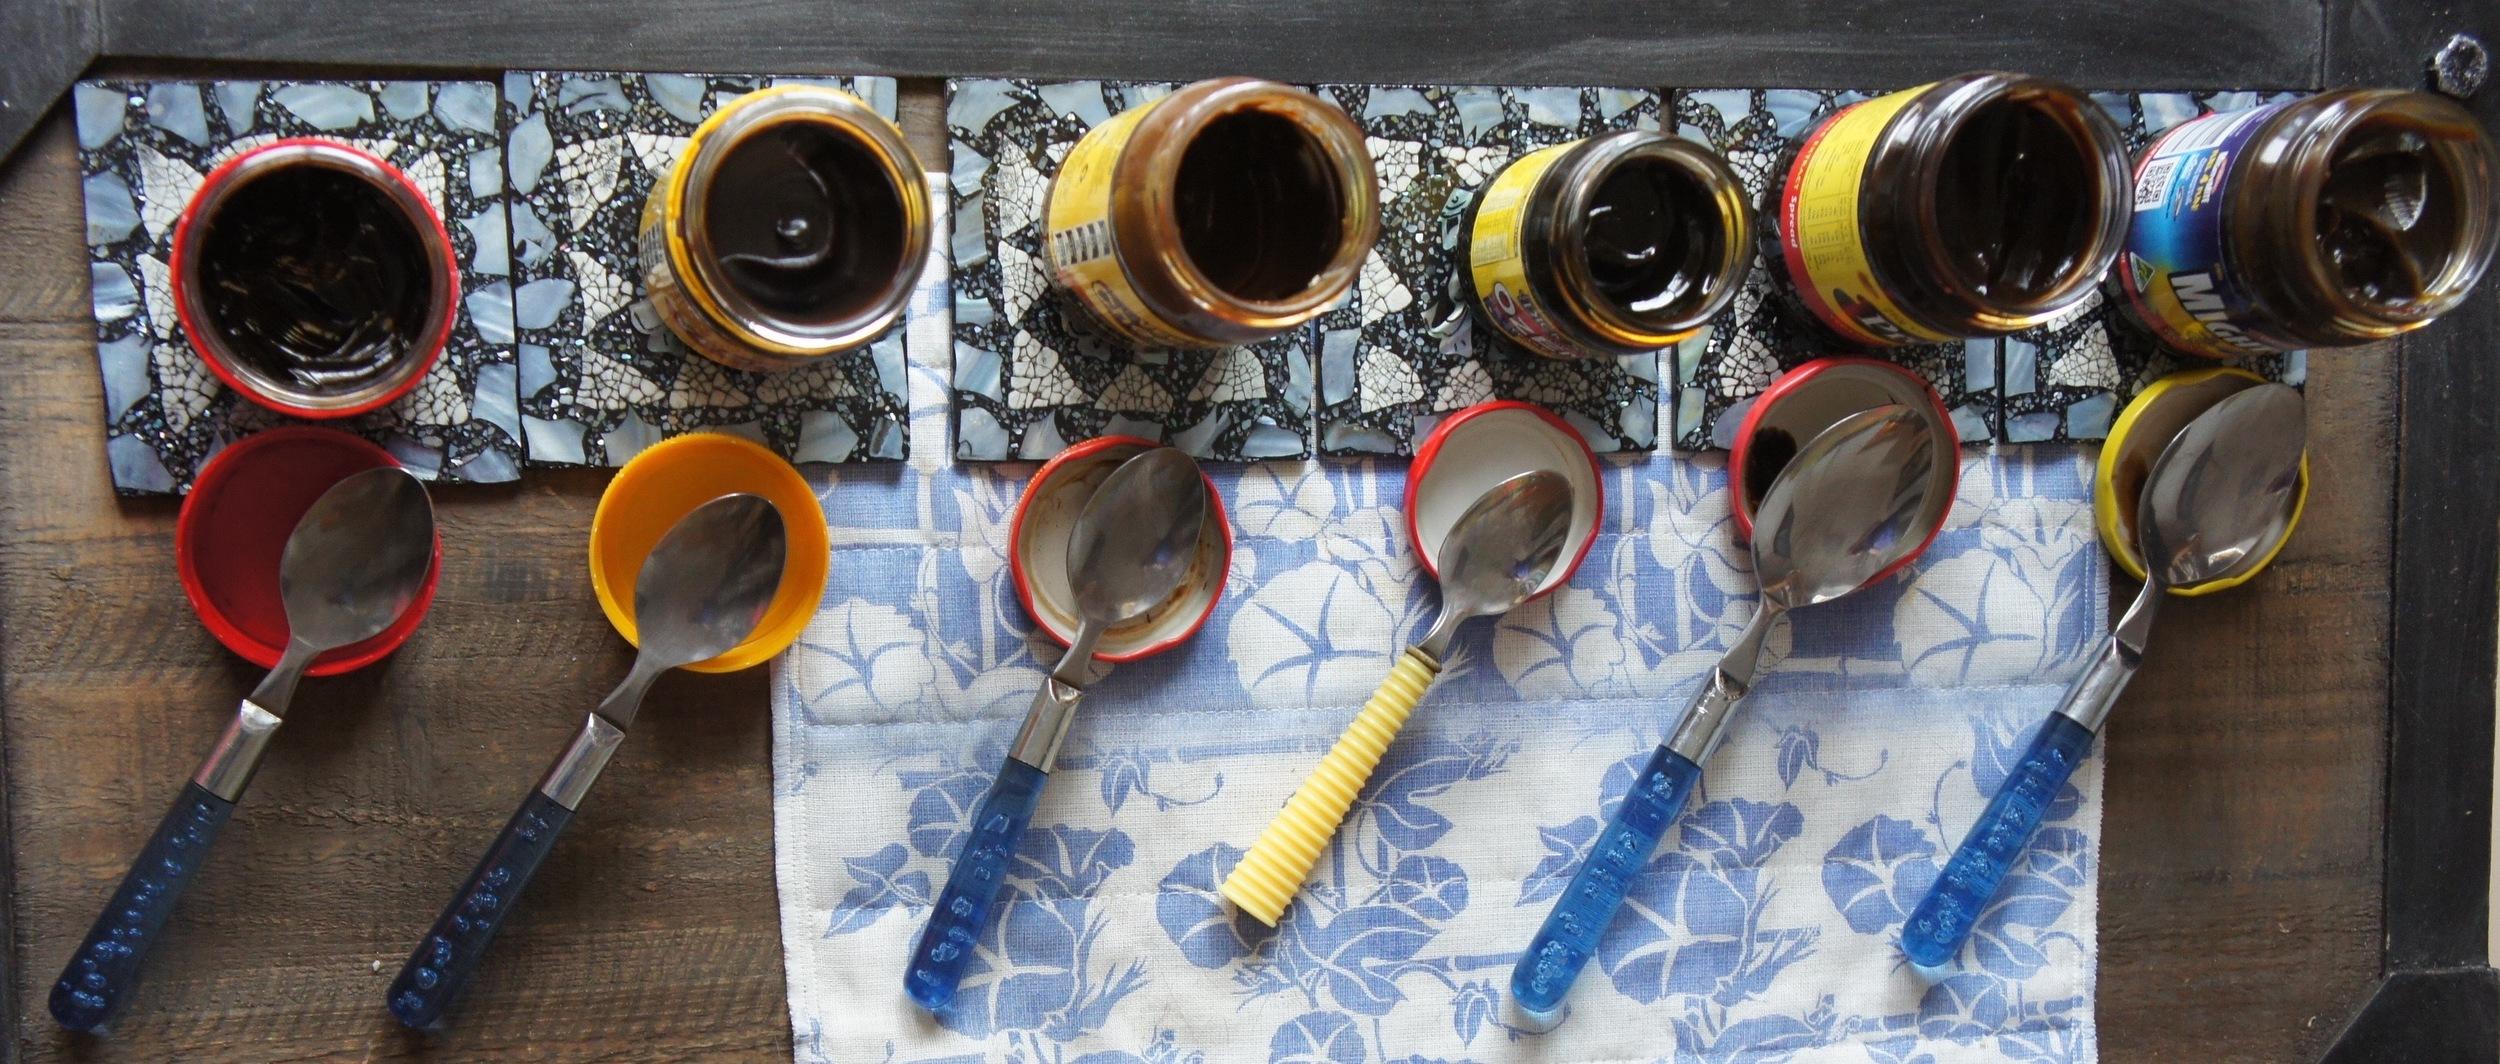 marmite_spoon